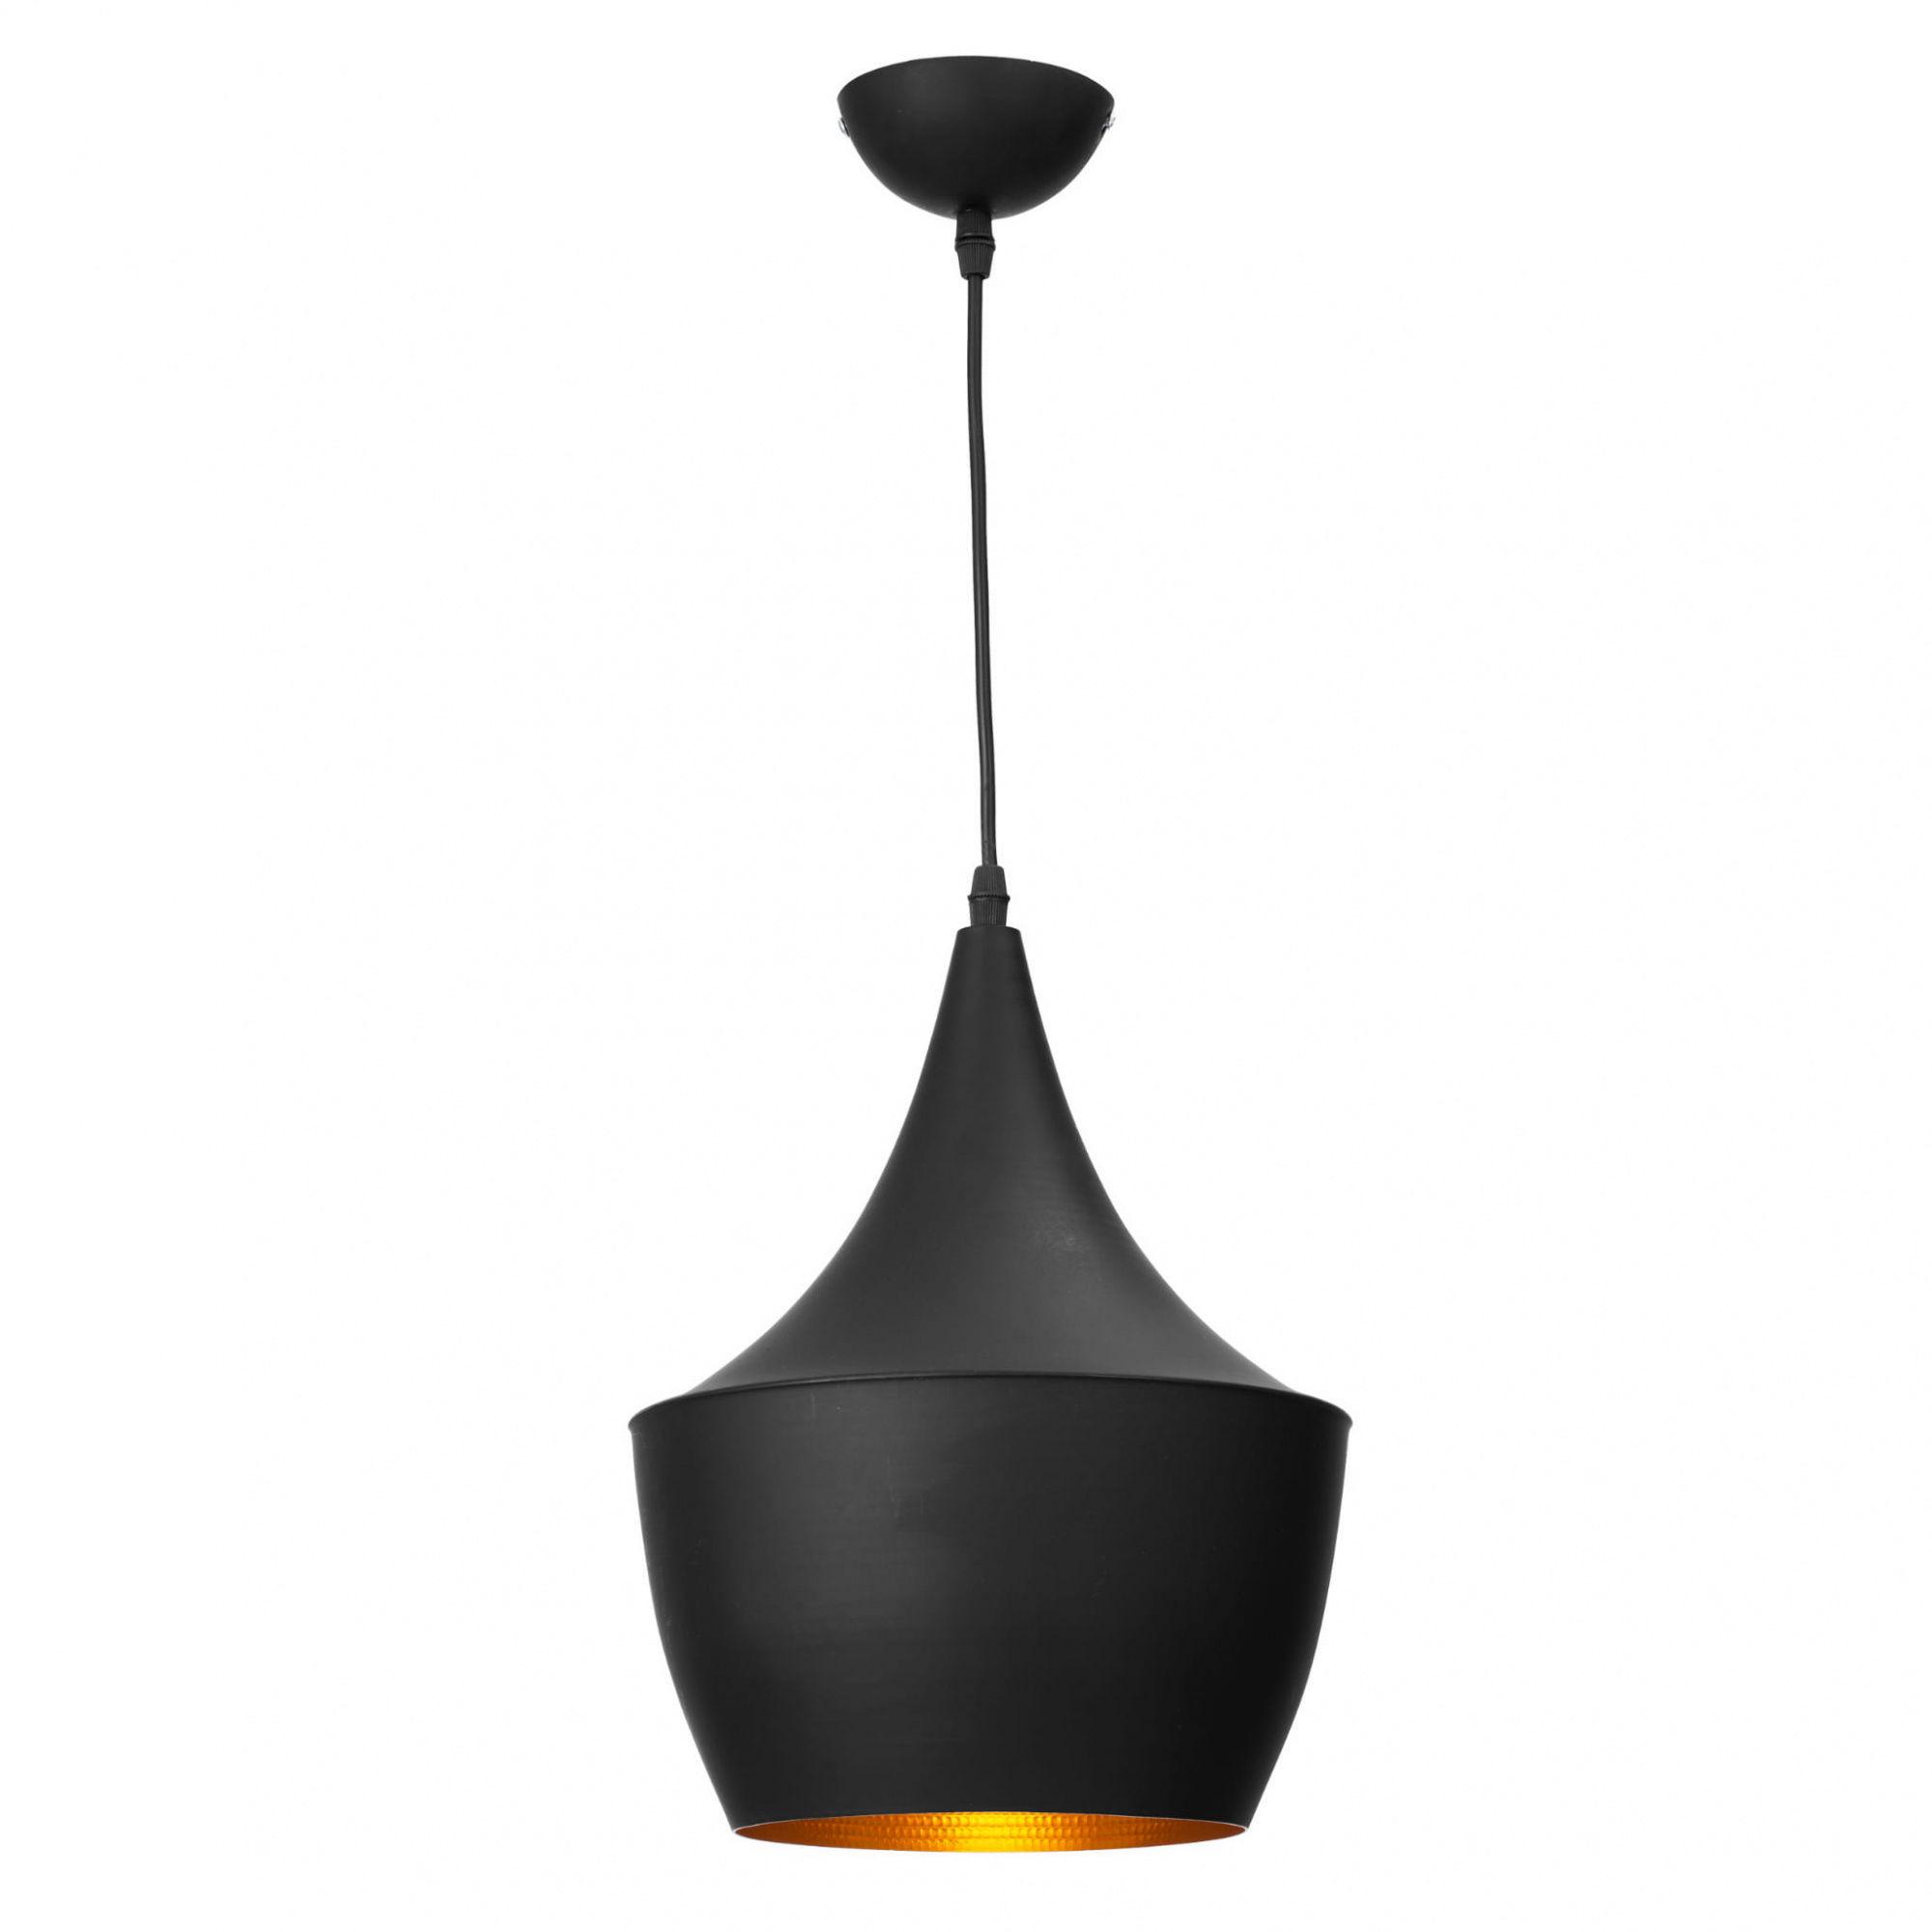 Lampa wisząca Caselle LP-42013/1P Light Prestige czarno-złota oprawa w stylu minimalistycznym